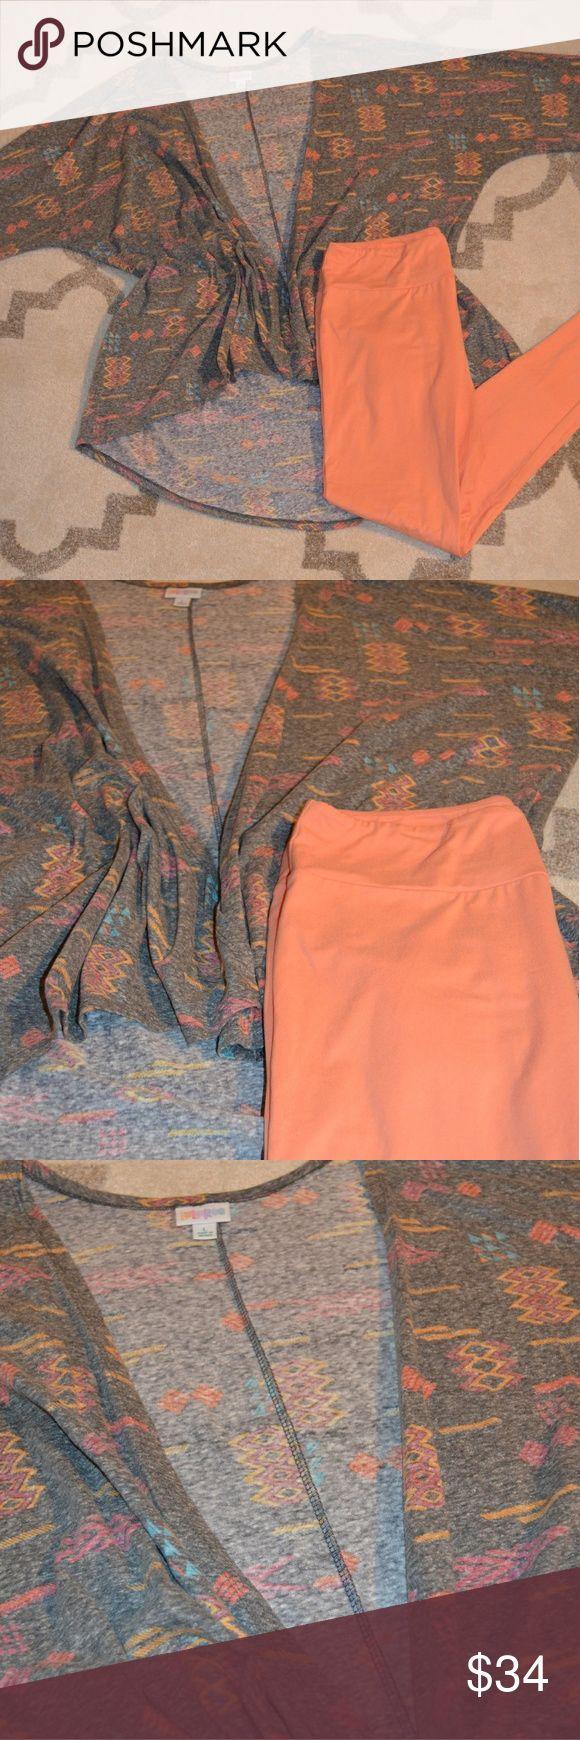 LuLaRoe Lindsay & TC leggings Heathered Aztec Lindsay worn twice, washed according to LLR care instructions with matching peach/orange TC leggings LuLaRoe Tops Tunics